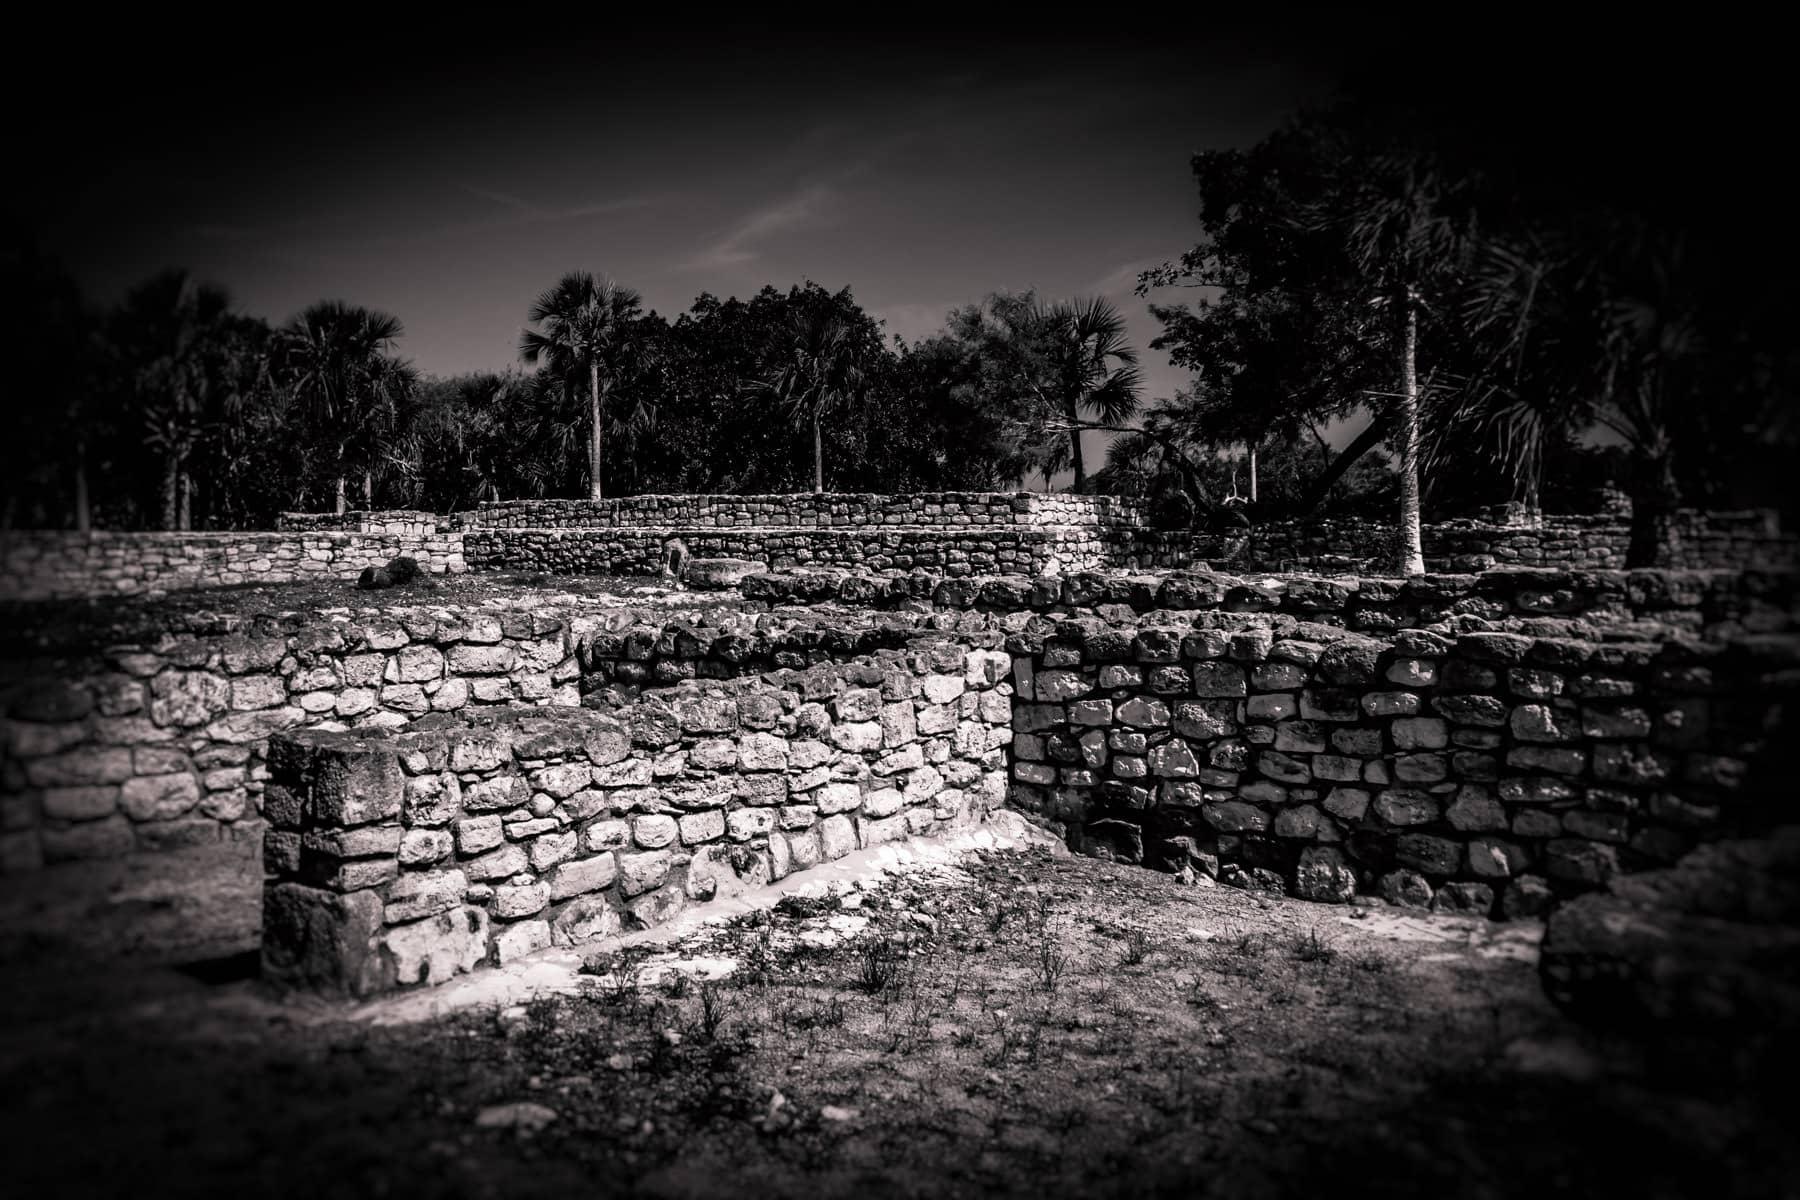 Rock walls at the ruins of the Mayan city of Xcambo in Mexico's Yucatan.